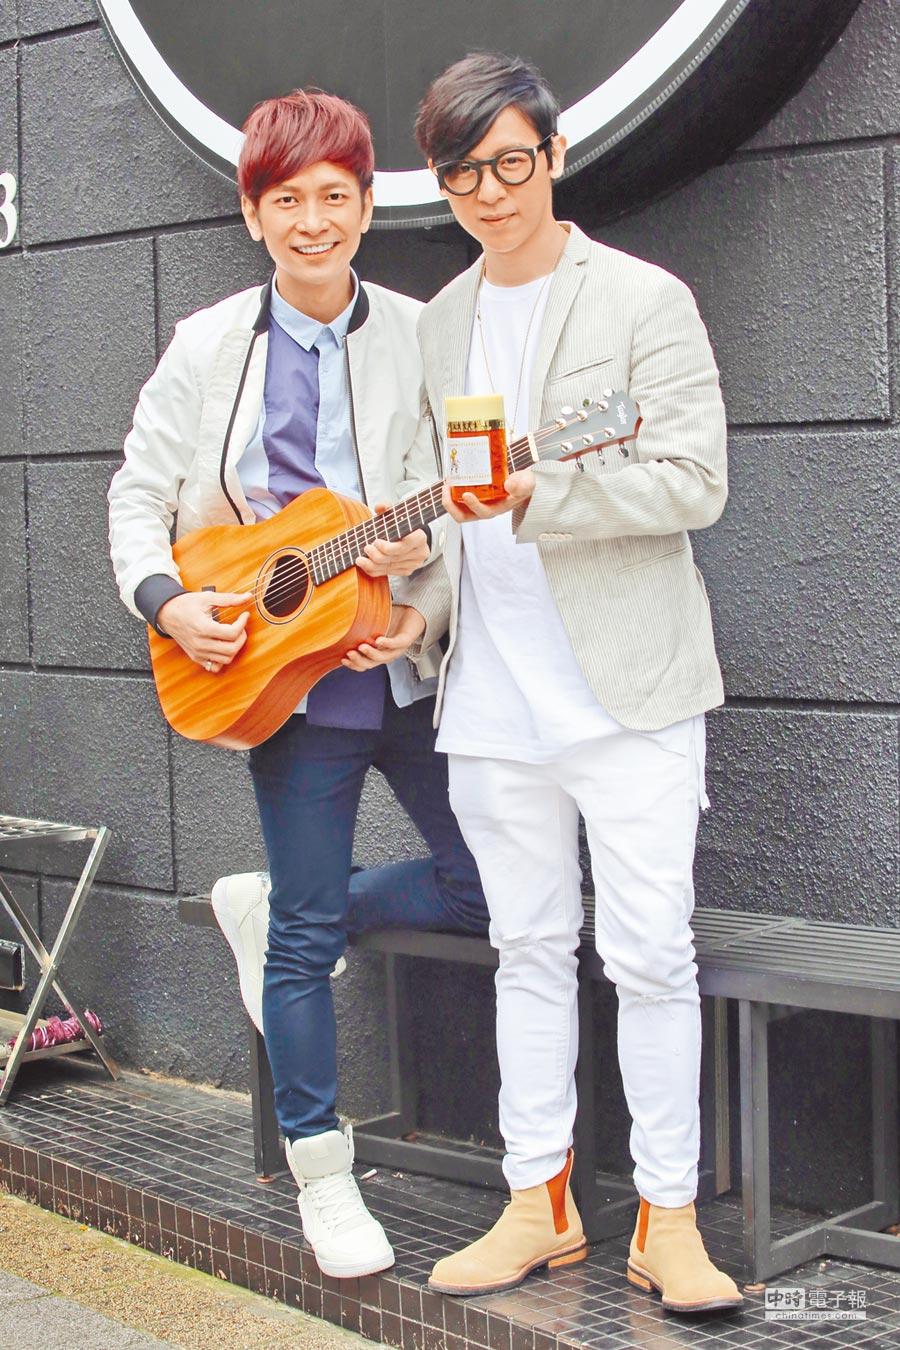 方烔鑌(右)昨送行氣散及木吉他祝壽張智成。(張祐銘攝)